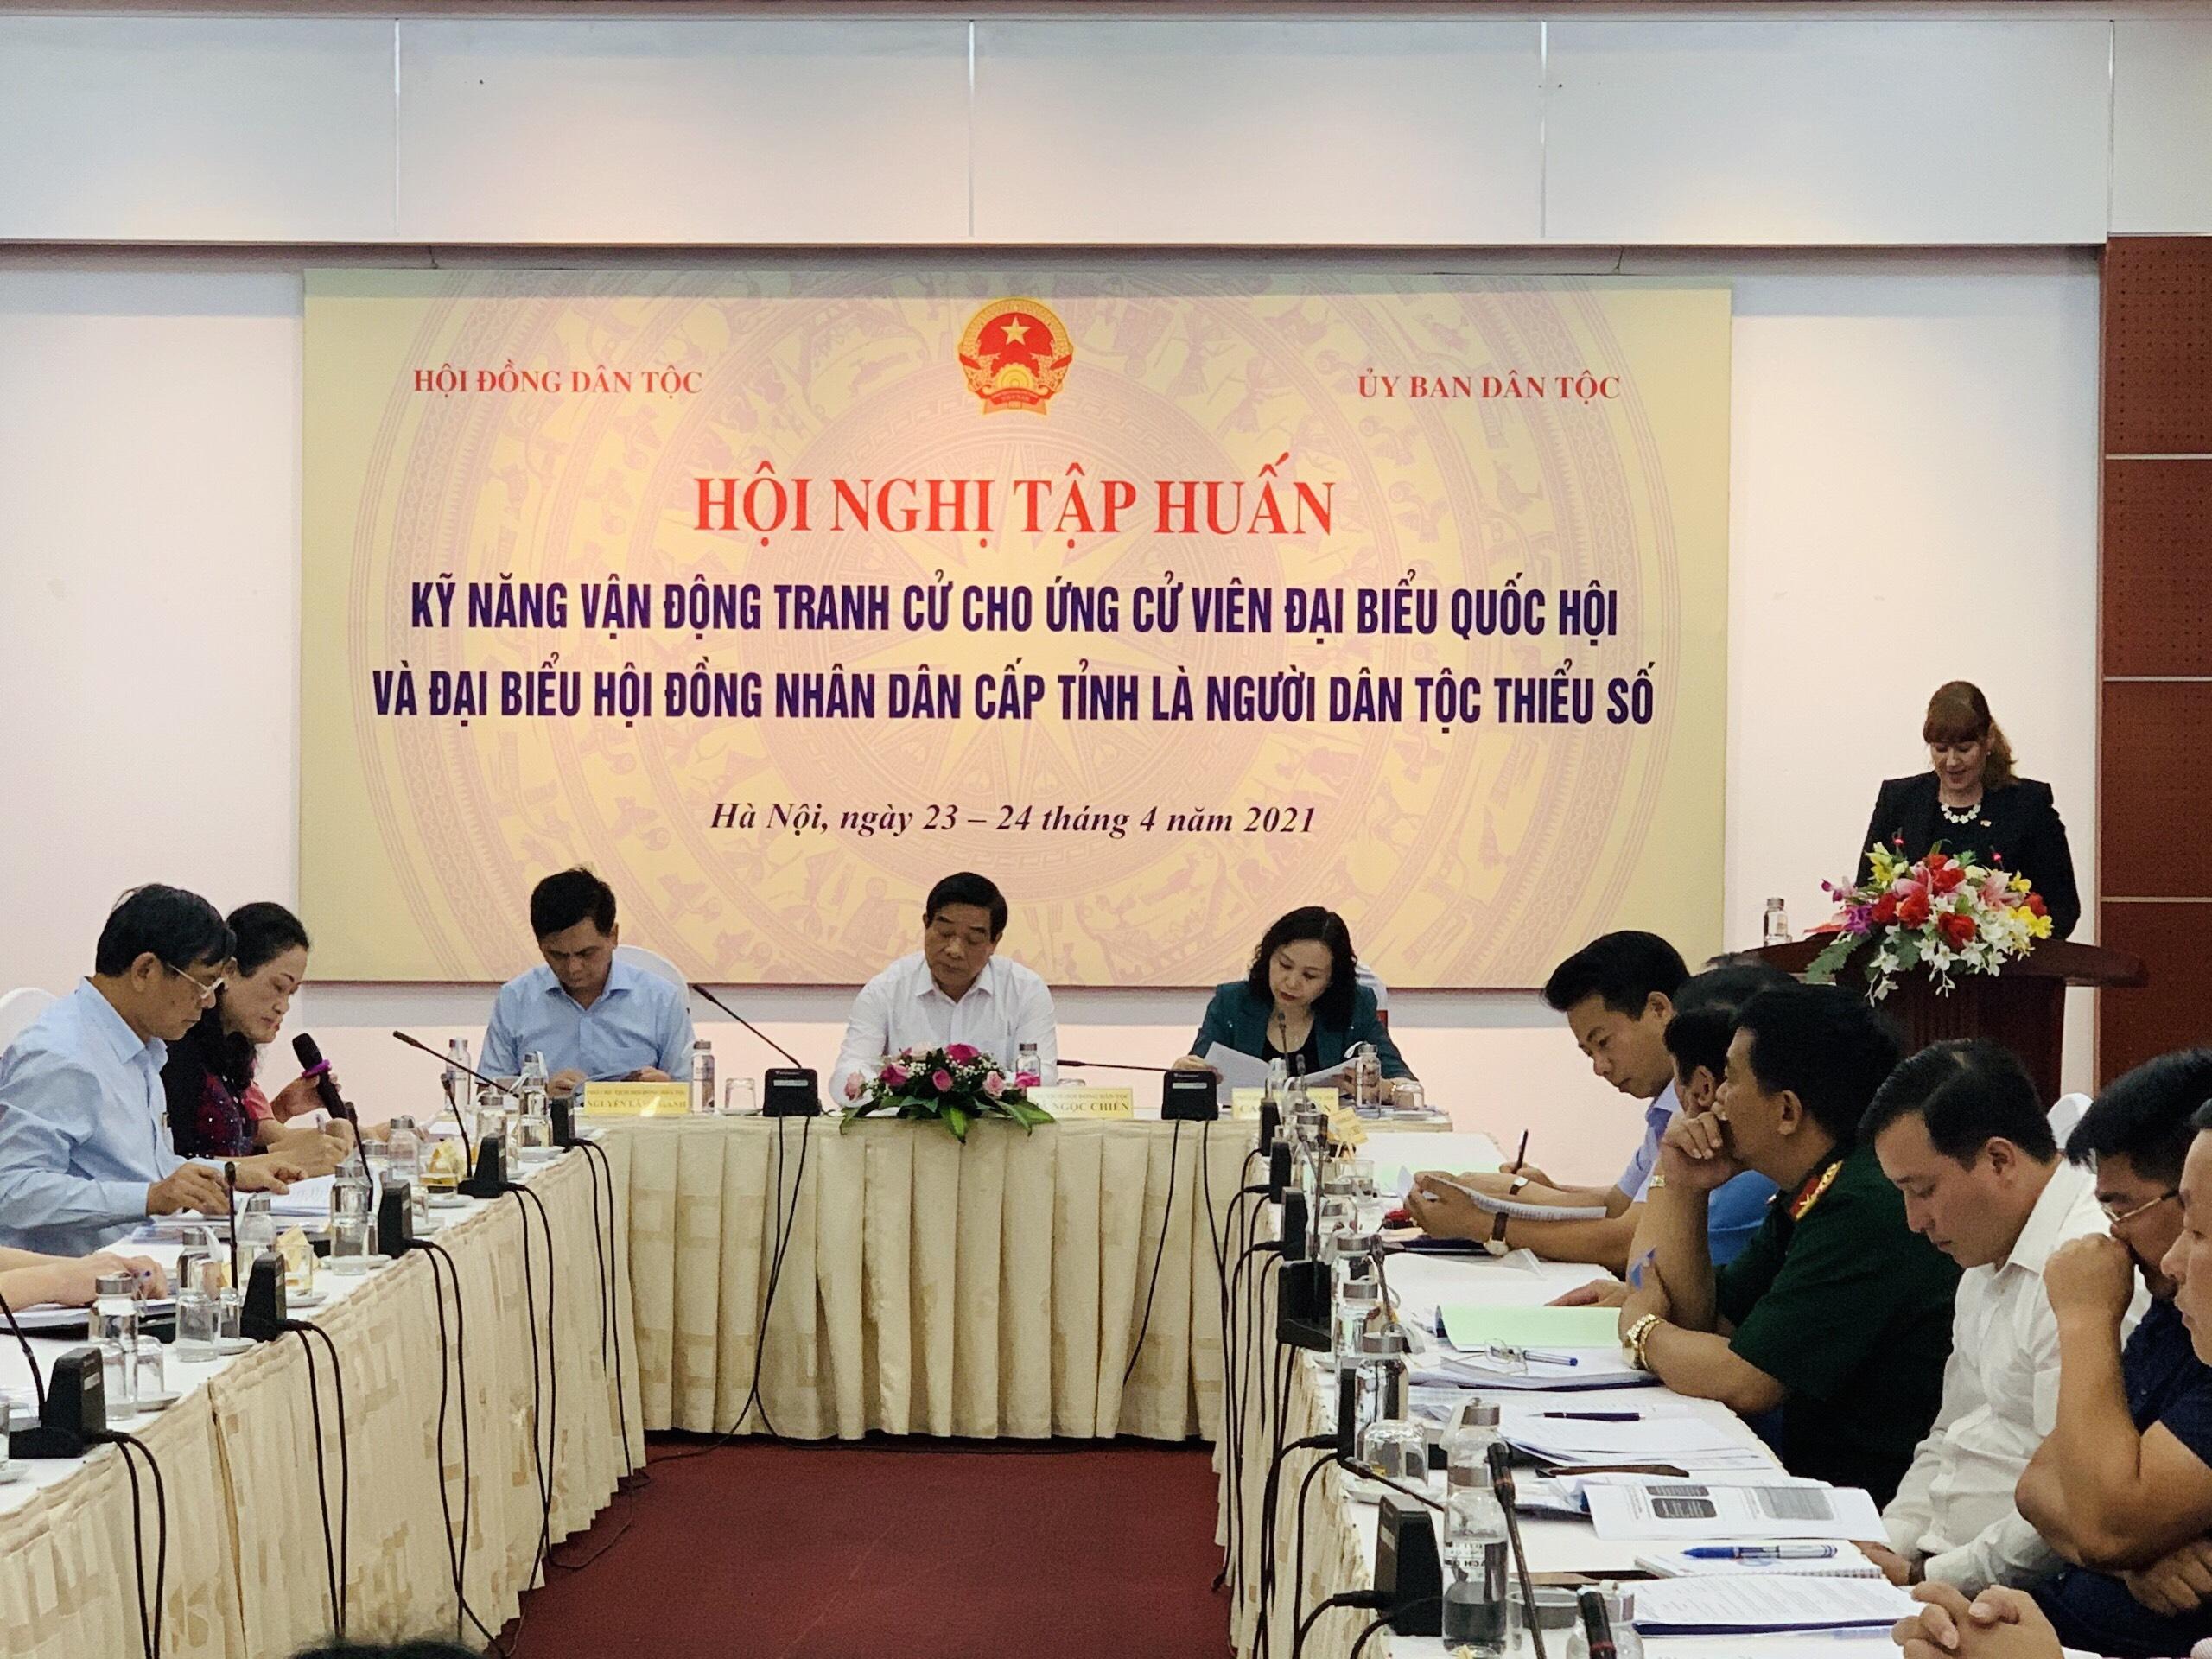 Hội nghị tâp huấn nhằm giúp cho các ứng cử viên là người DTTS nắm được kiến thức và những kỹ năng cần thiết để tham gia vận động tranh cử